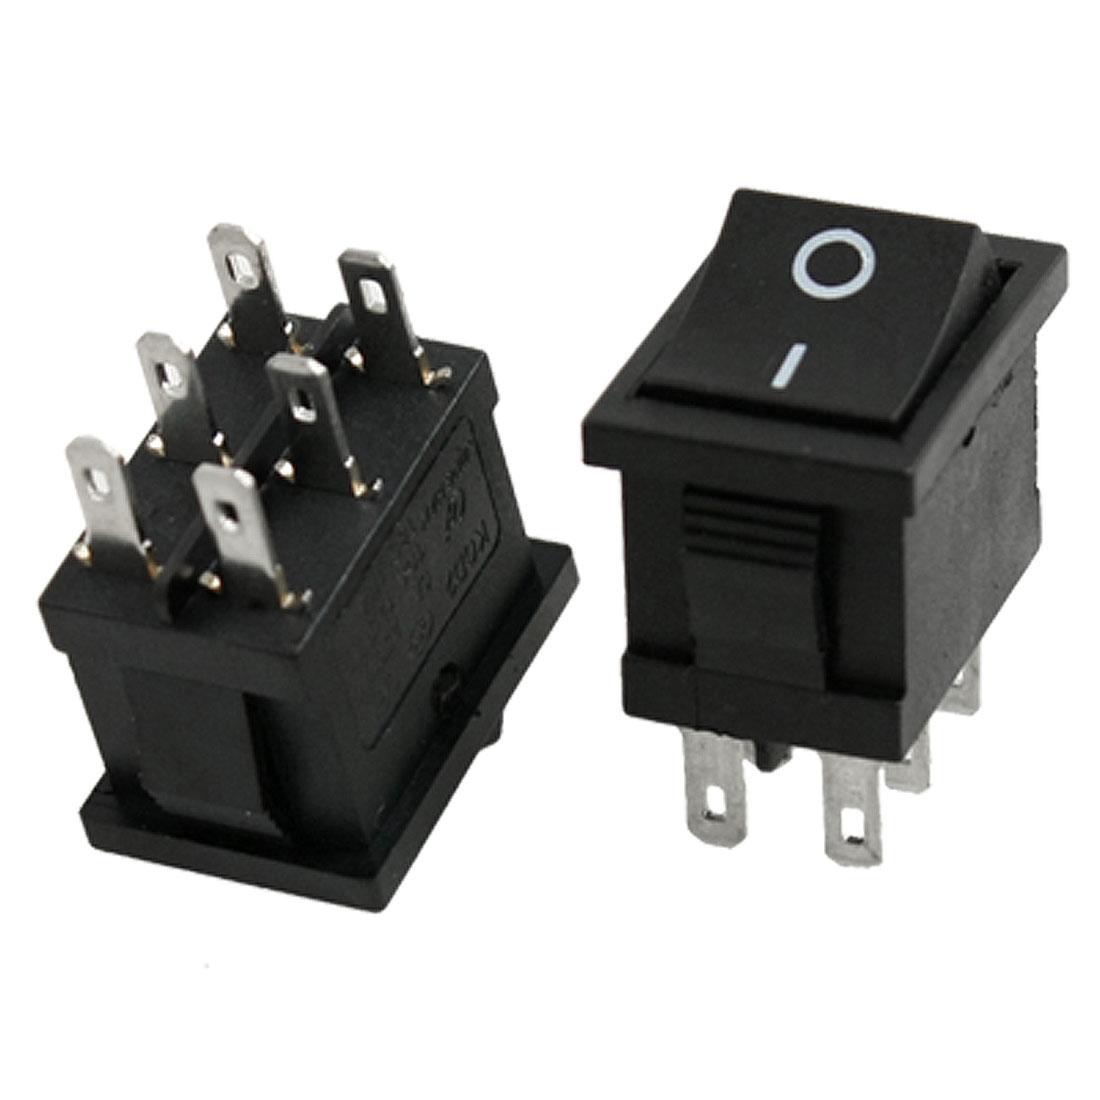 2 x AC 6A/250V 10A/125V 6 Pin DPDT ON/ON 2 Position Snap in Boat Rocker Switch